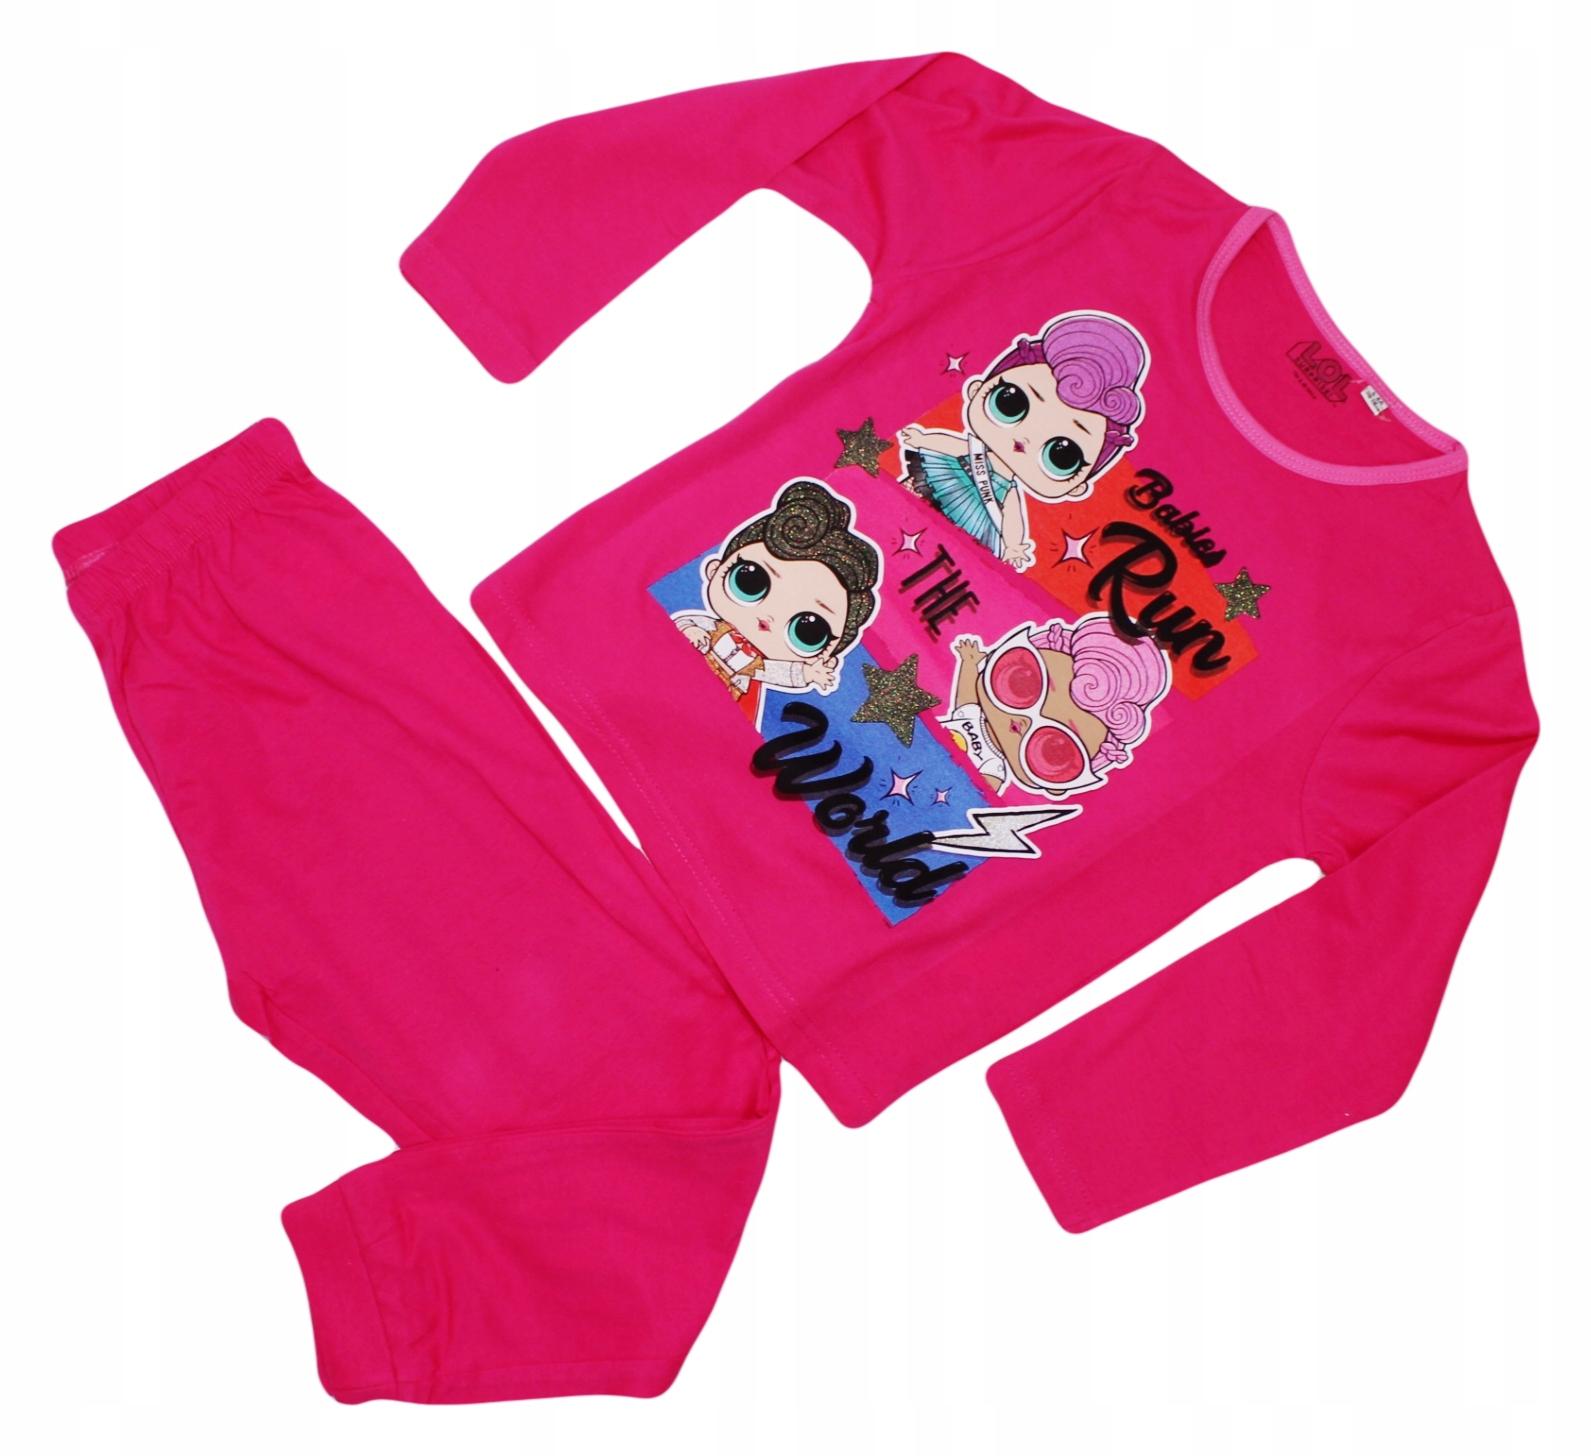 Bavlnené pyžamo LOL Surprise 110/116 5/6 rokov